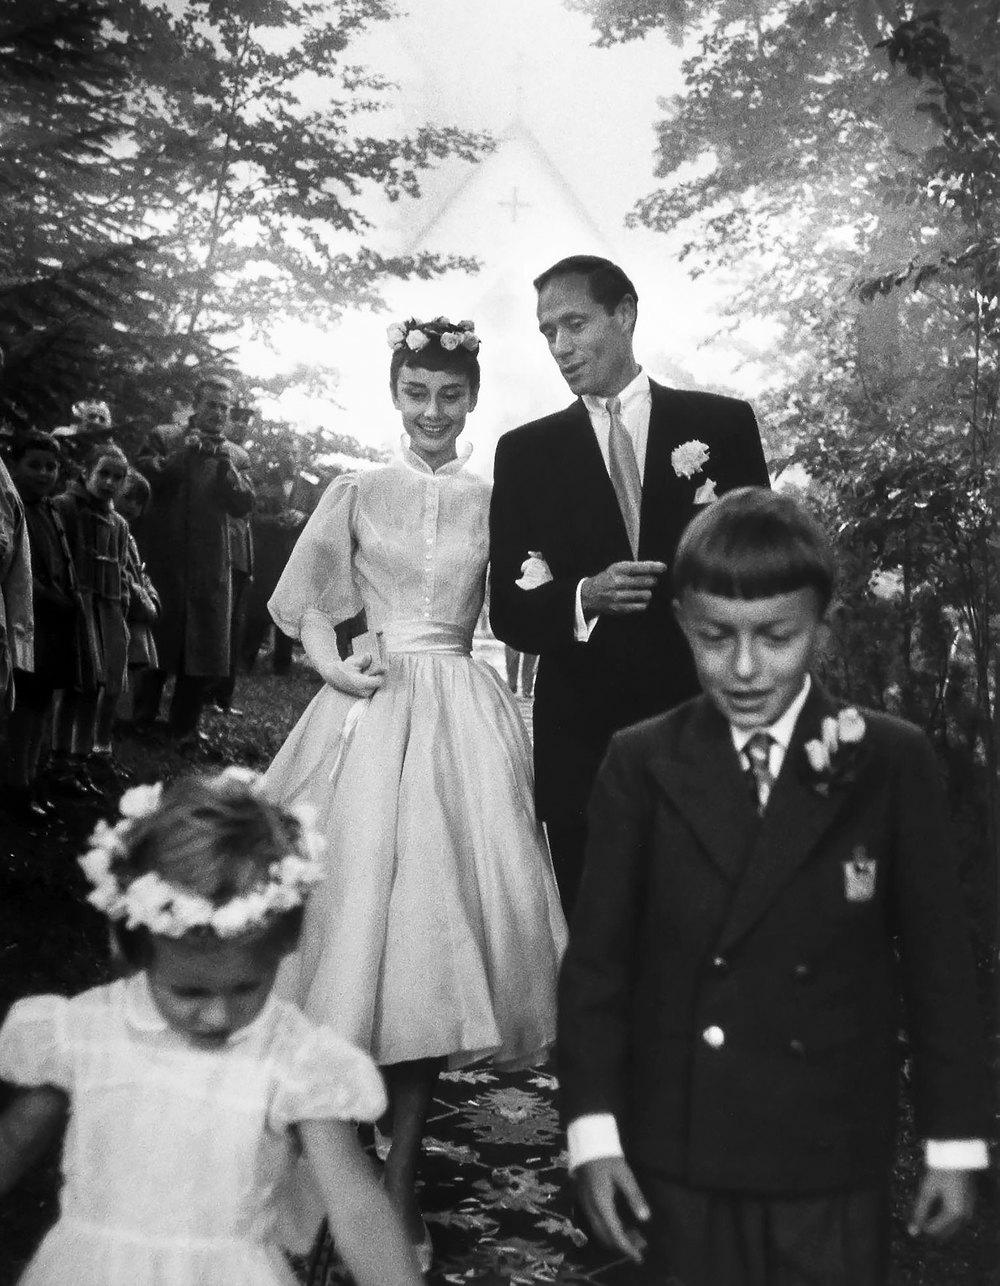 Свадьба Одри Хеберн иМела Феррера, гора Бюргеншток, Швейцария, сентябрь 1954